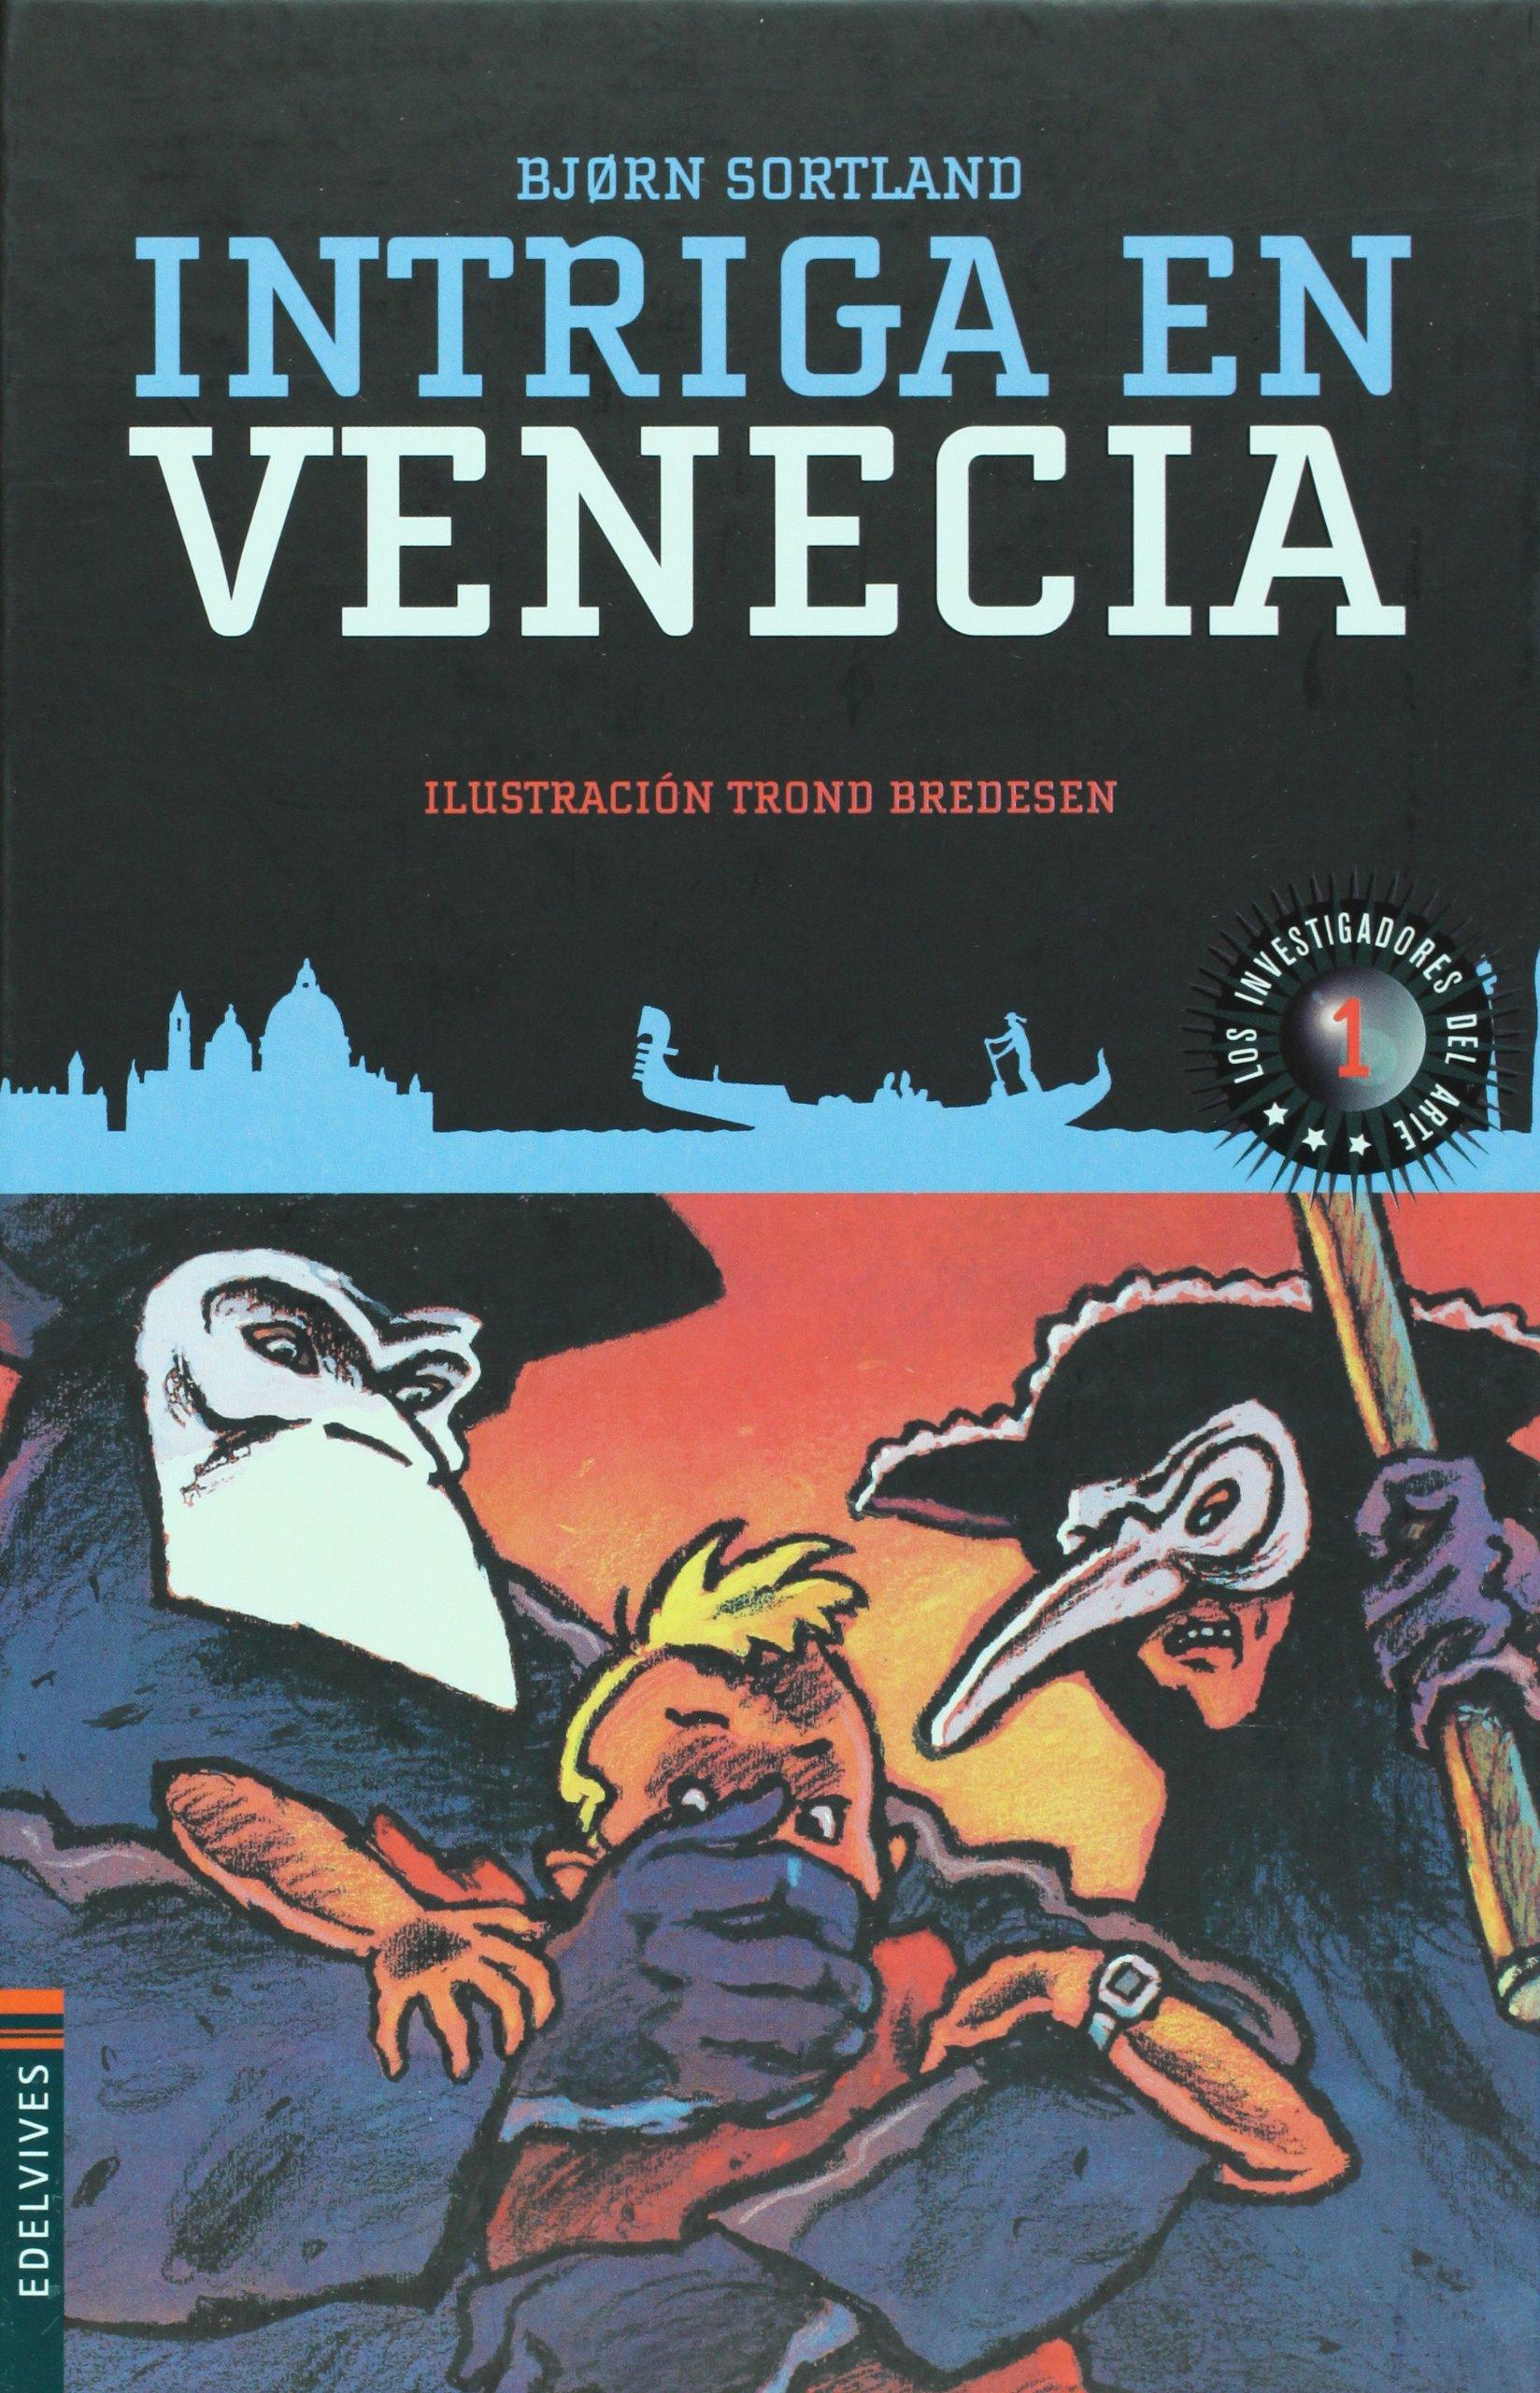 Intriga en Venecia (Los investigadores del arte) Tapa dura – 3 oct 2007 Bjørn Sortland Trond Bredesen Cristina Gómez Baggethun 8426364853